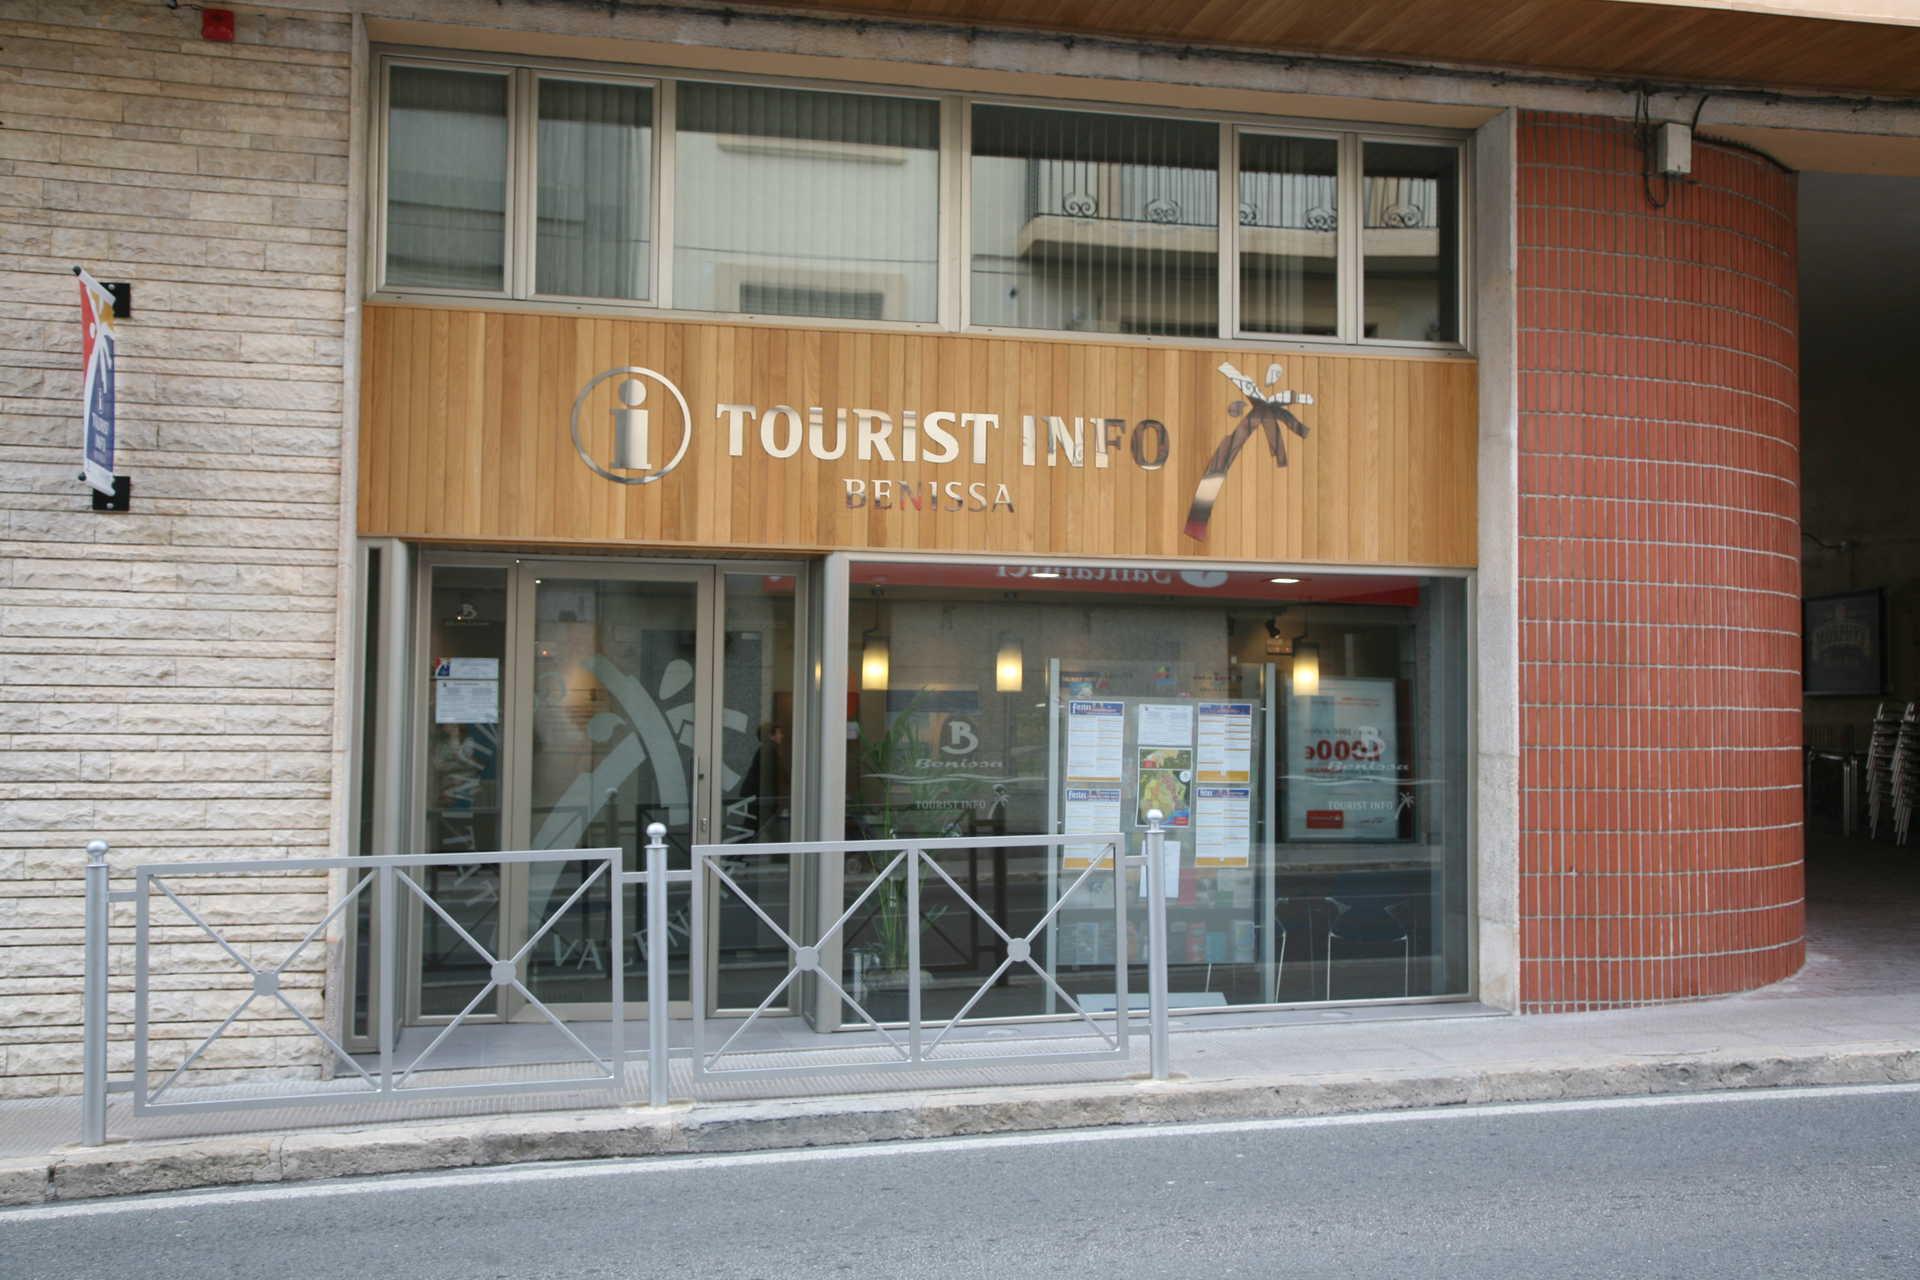 TOURIST INFO BENISSA